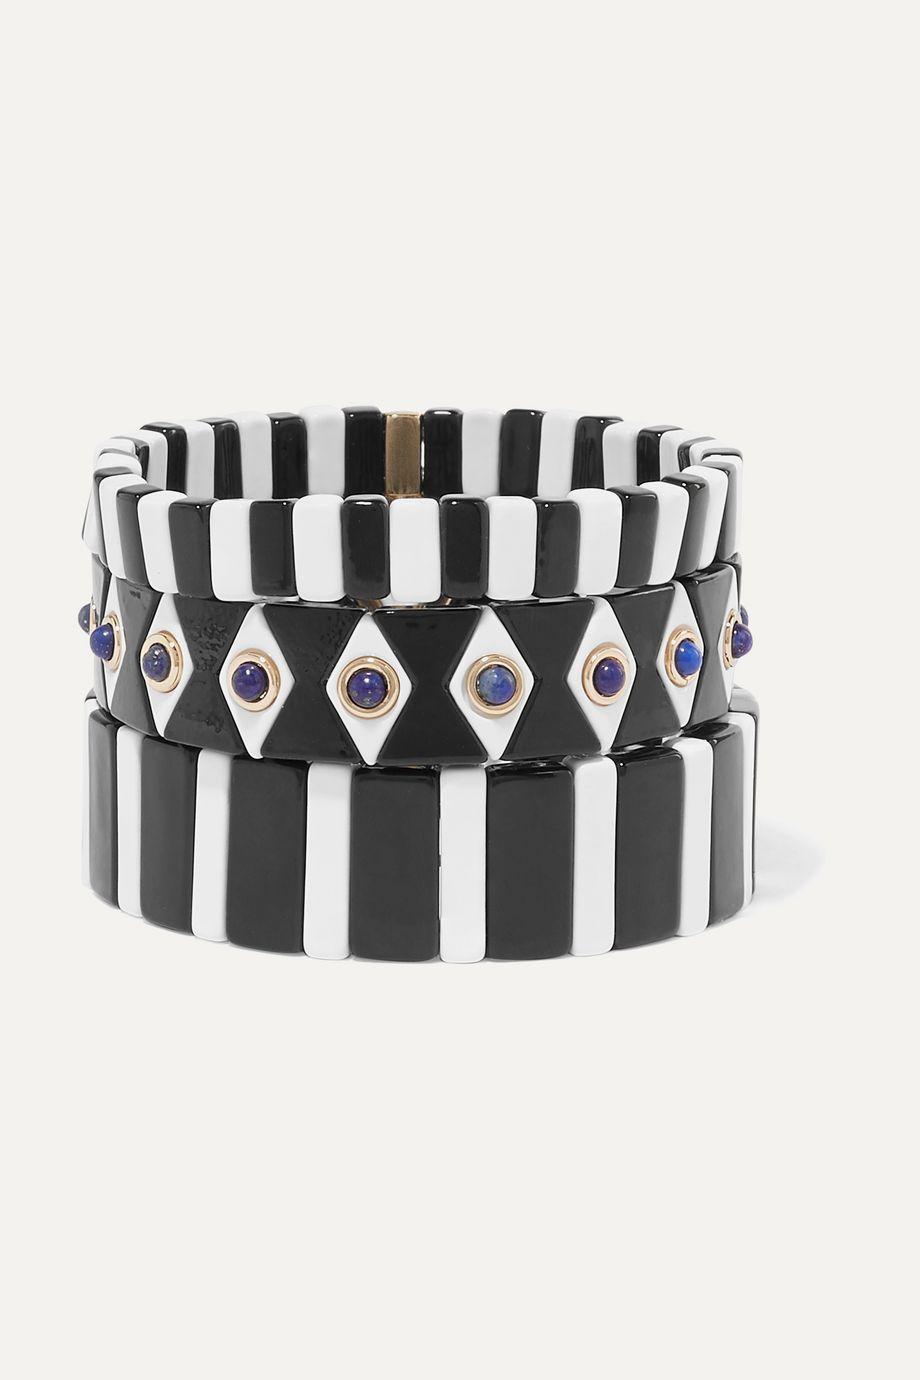 록산느 애슐린 팔찌 Roxanne Assoulin Bistro set of three enamel and lapis bracelets,Black